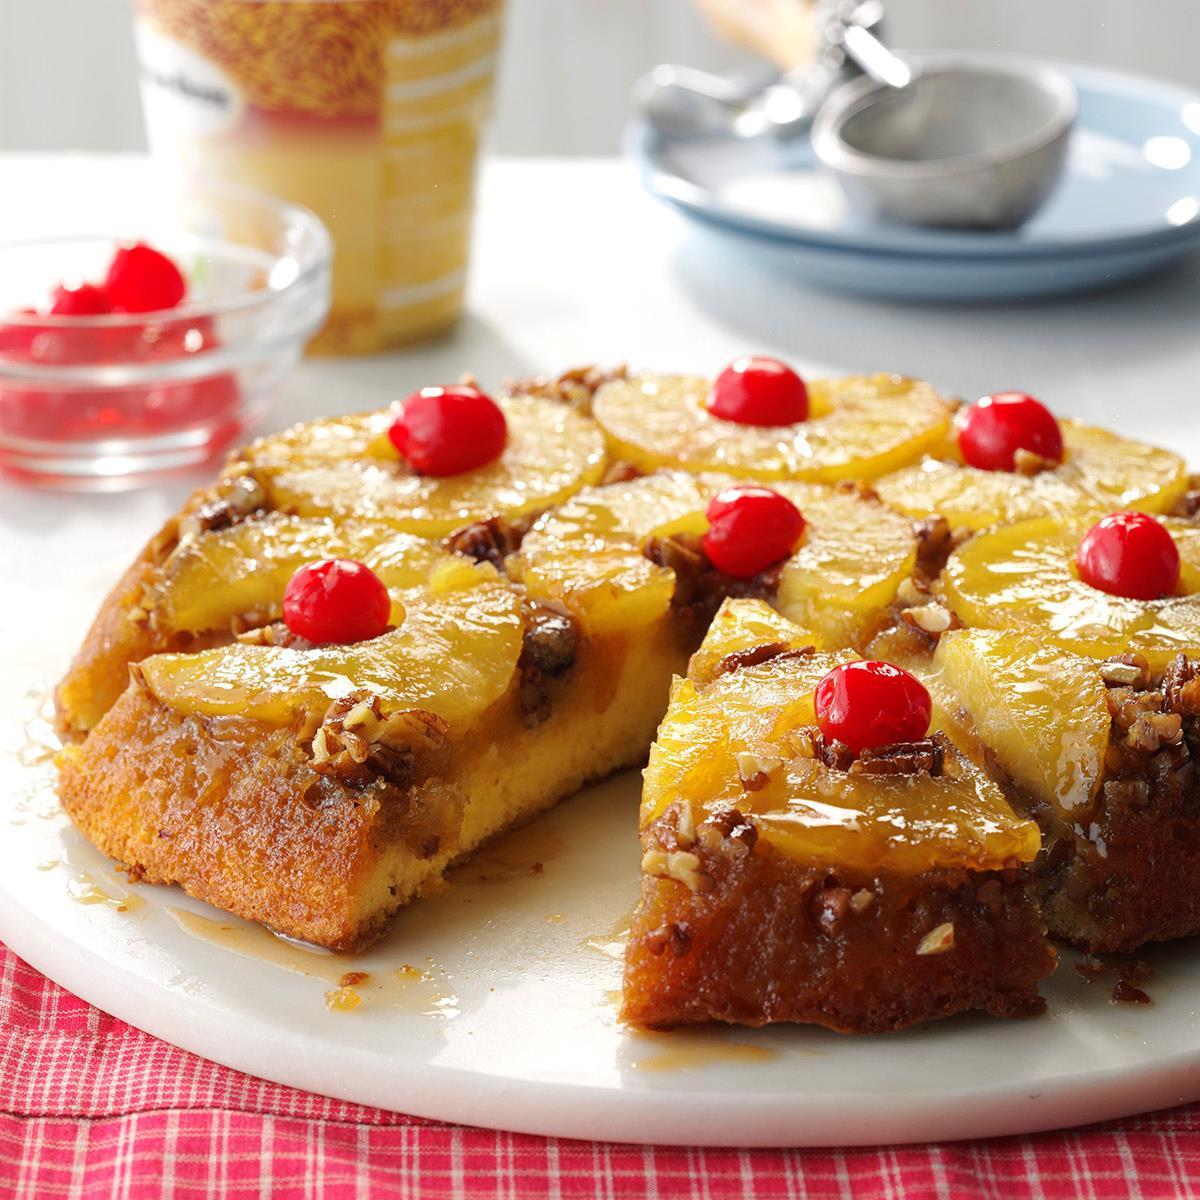 Homemade Pineapple Upside Down Cake  Skillet Pineapple Upside Down Cake Recipe